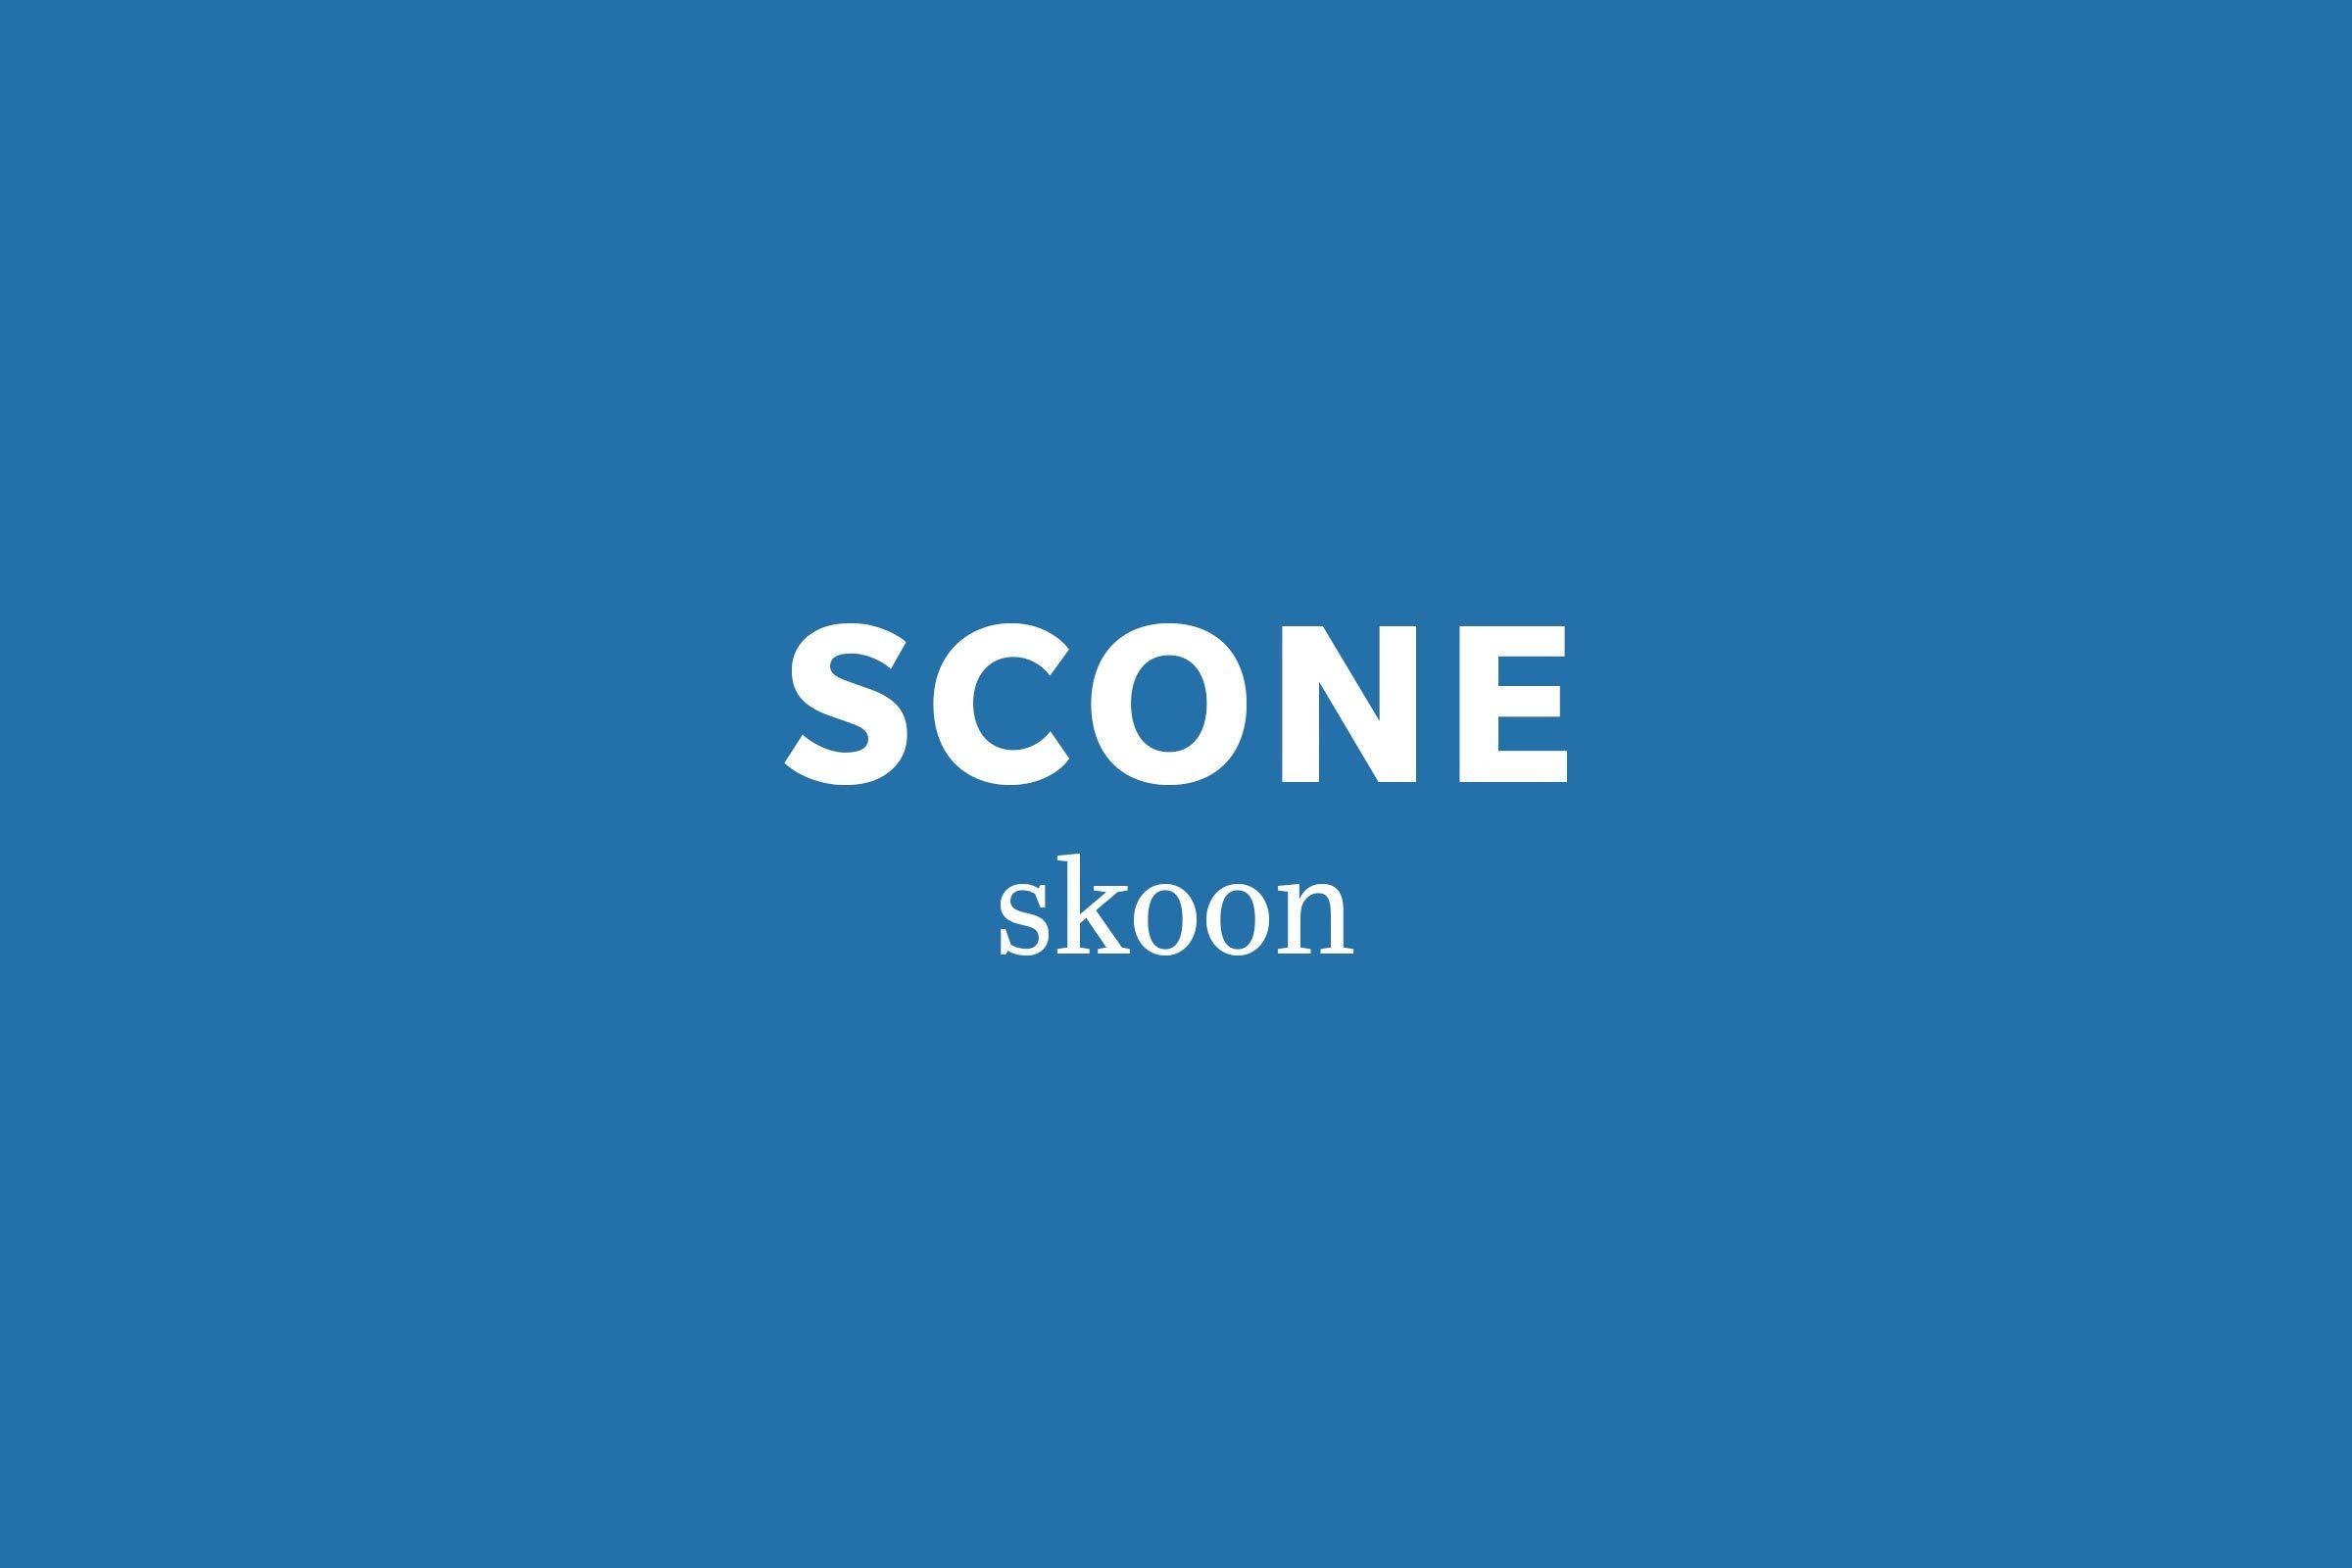 scone pronunciation